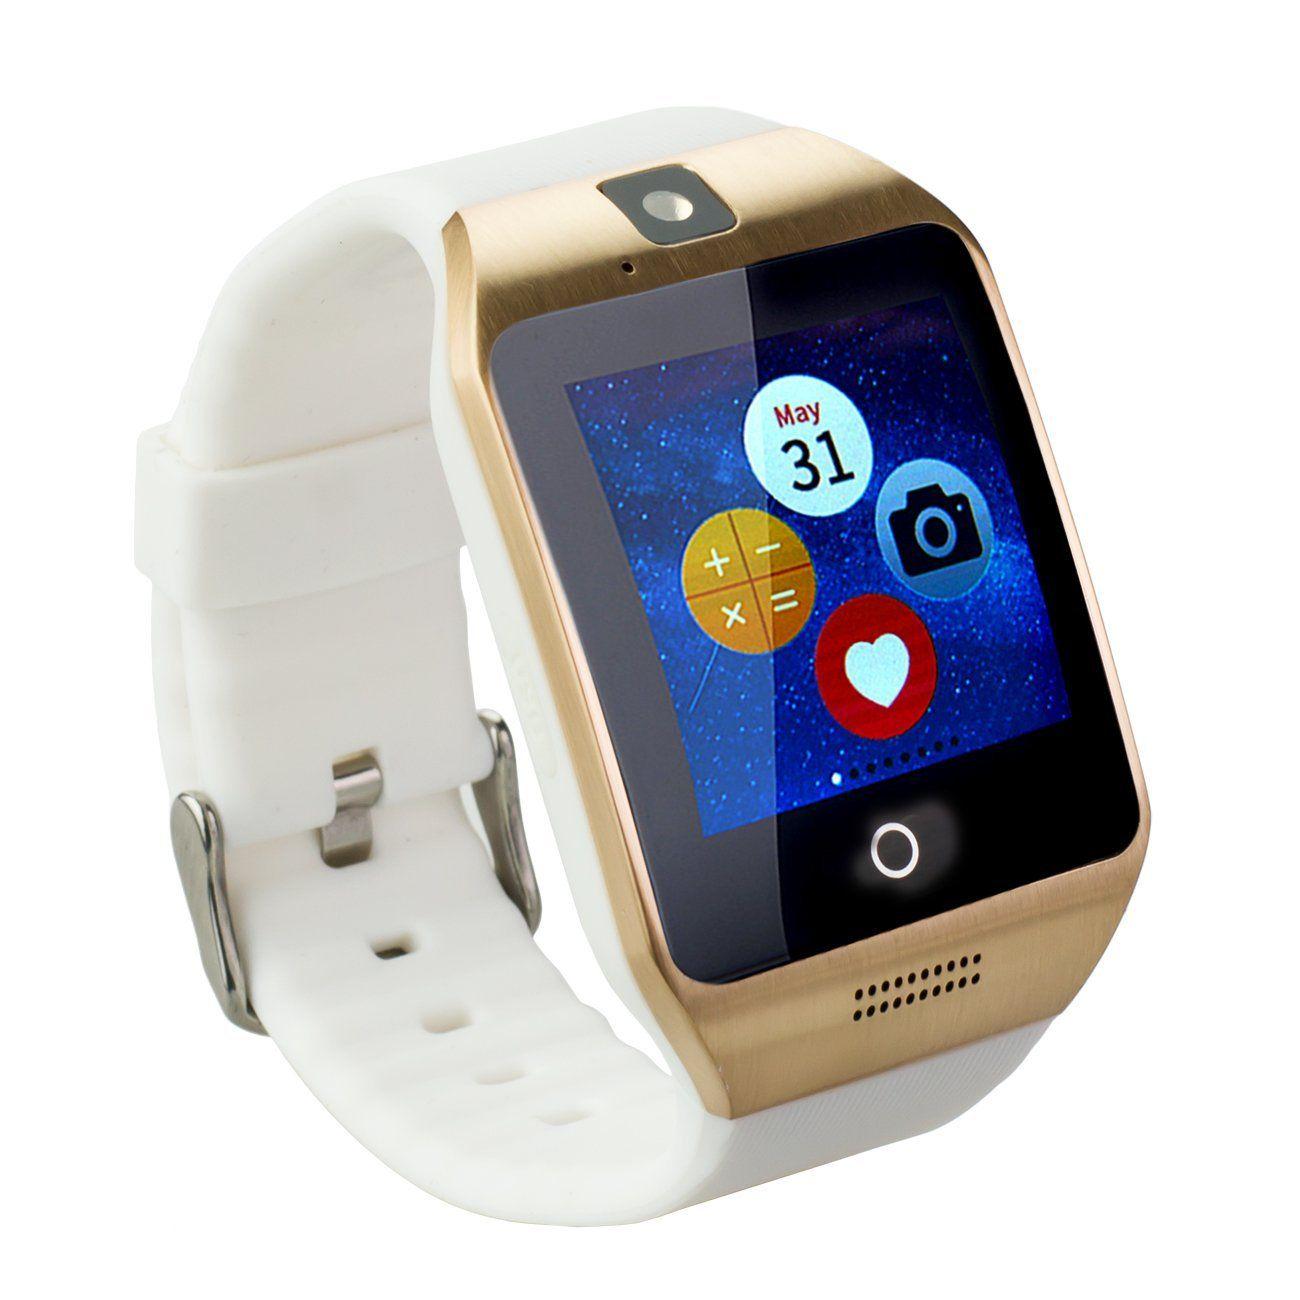 Tera Apro Bluetooth LCD Touch Intelligent Watch Wristband